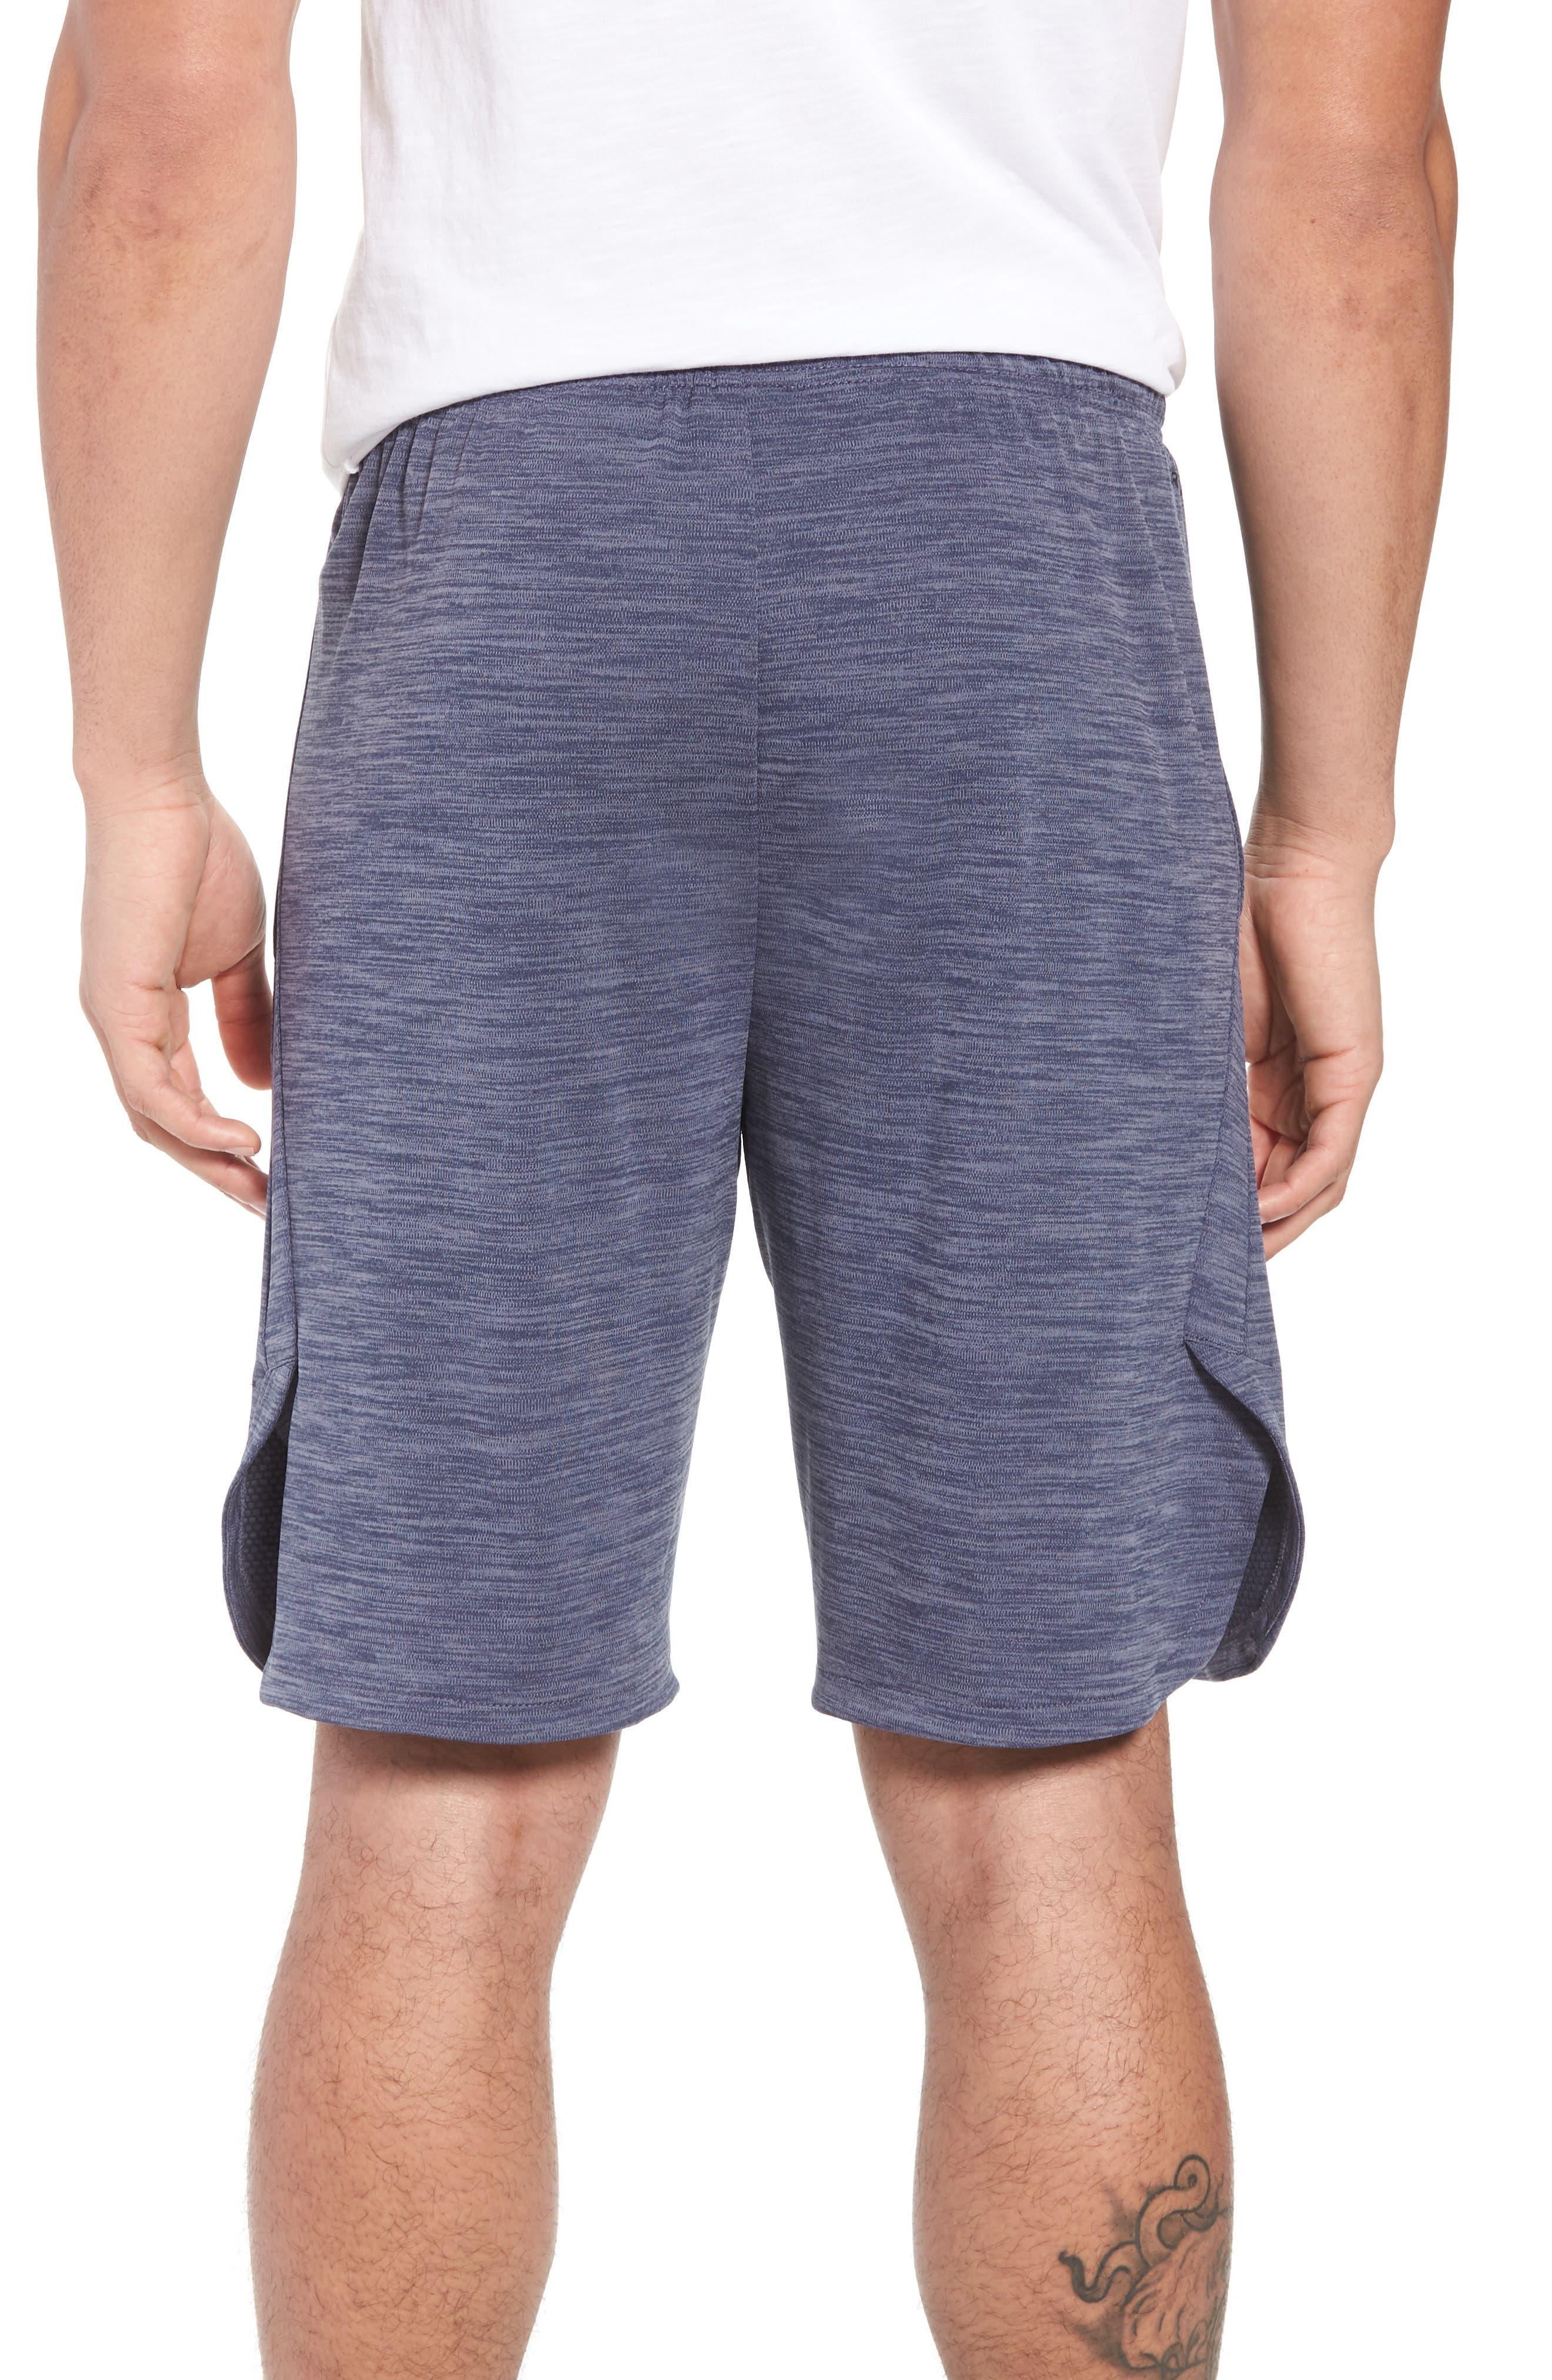 Dry Training Shorts,                             Alternate thumbnail 2, color,                             LIGHT CARBON/ BLACK